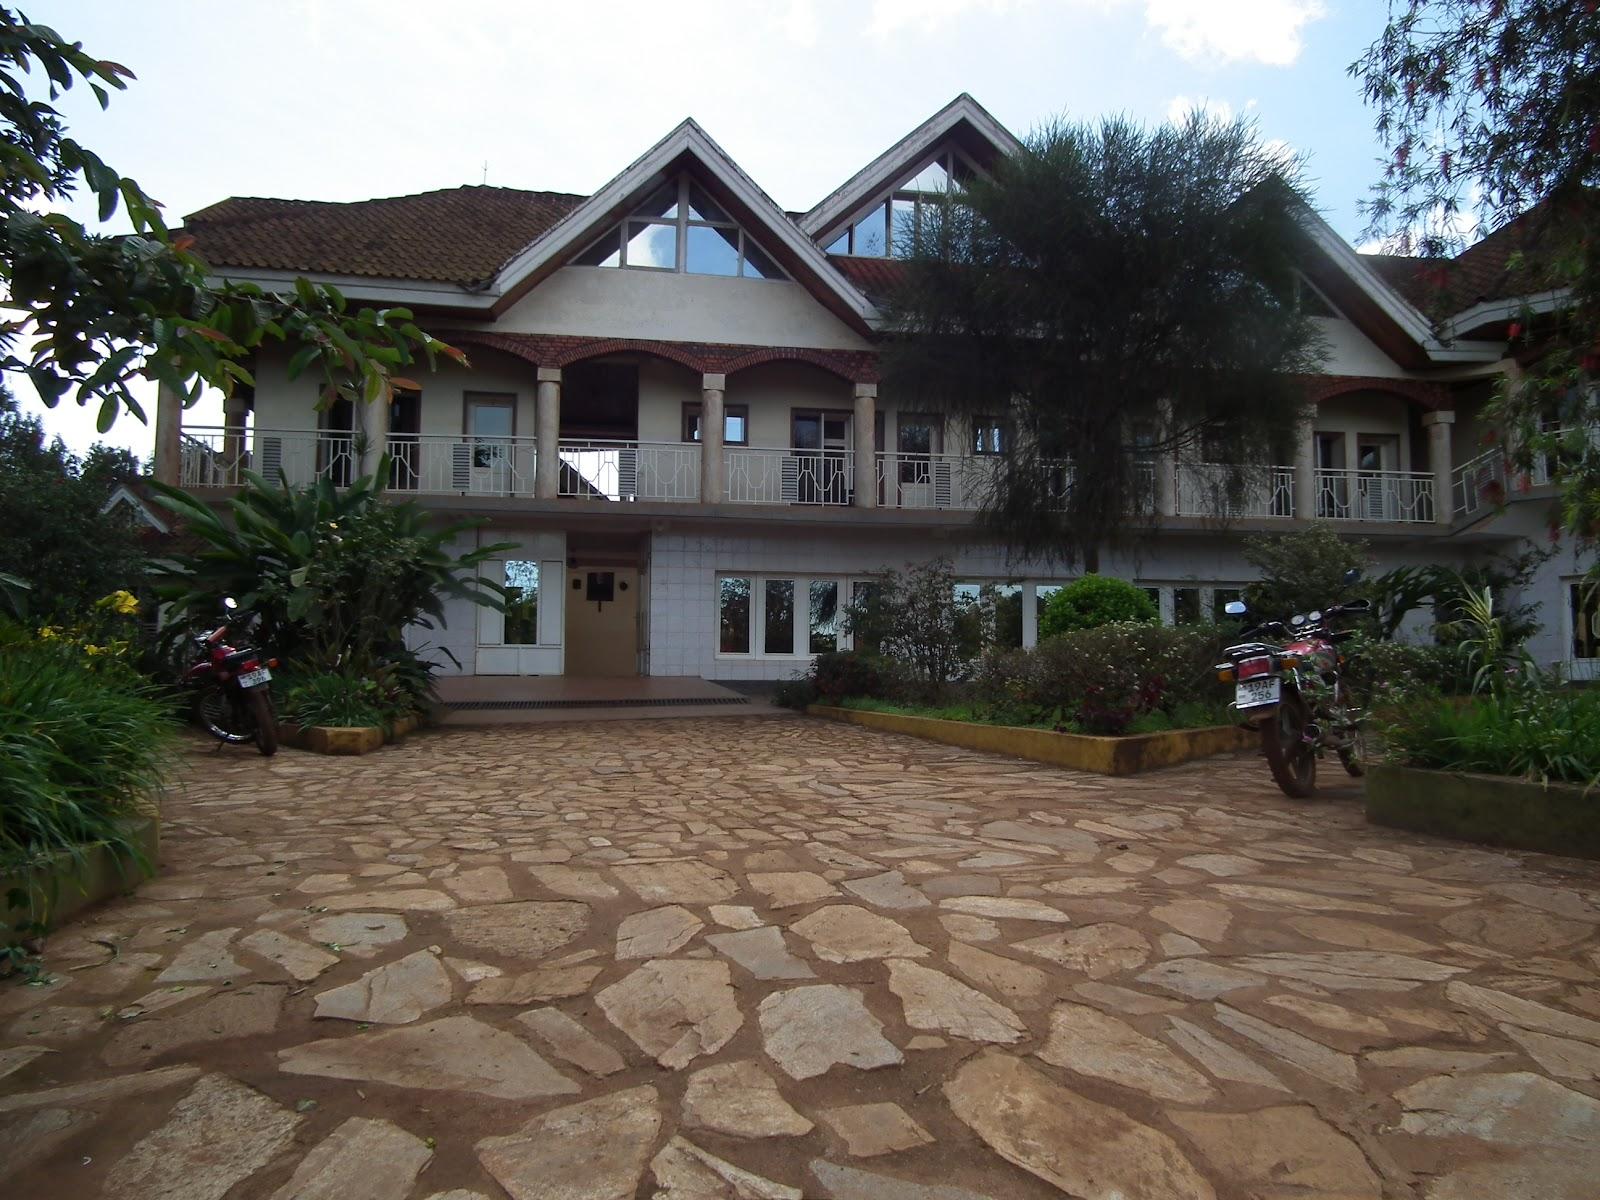 Art afrique en direct la maison provinciale est accueillante for Maison provinciale